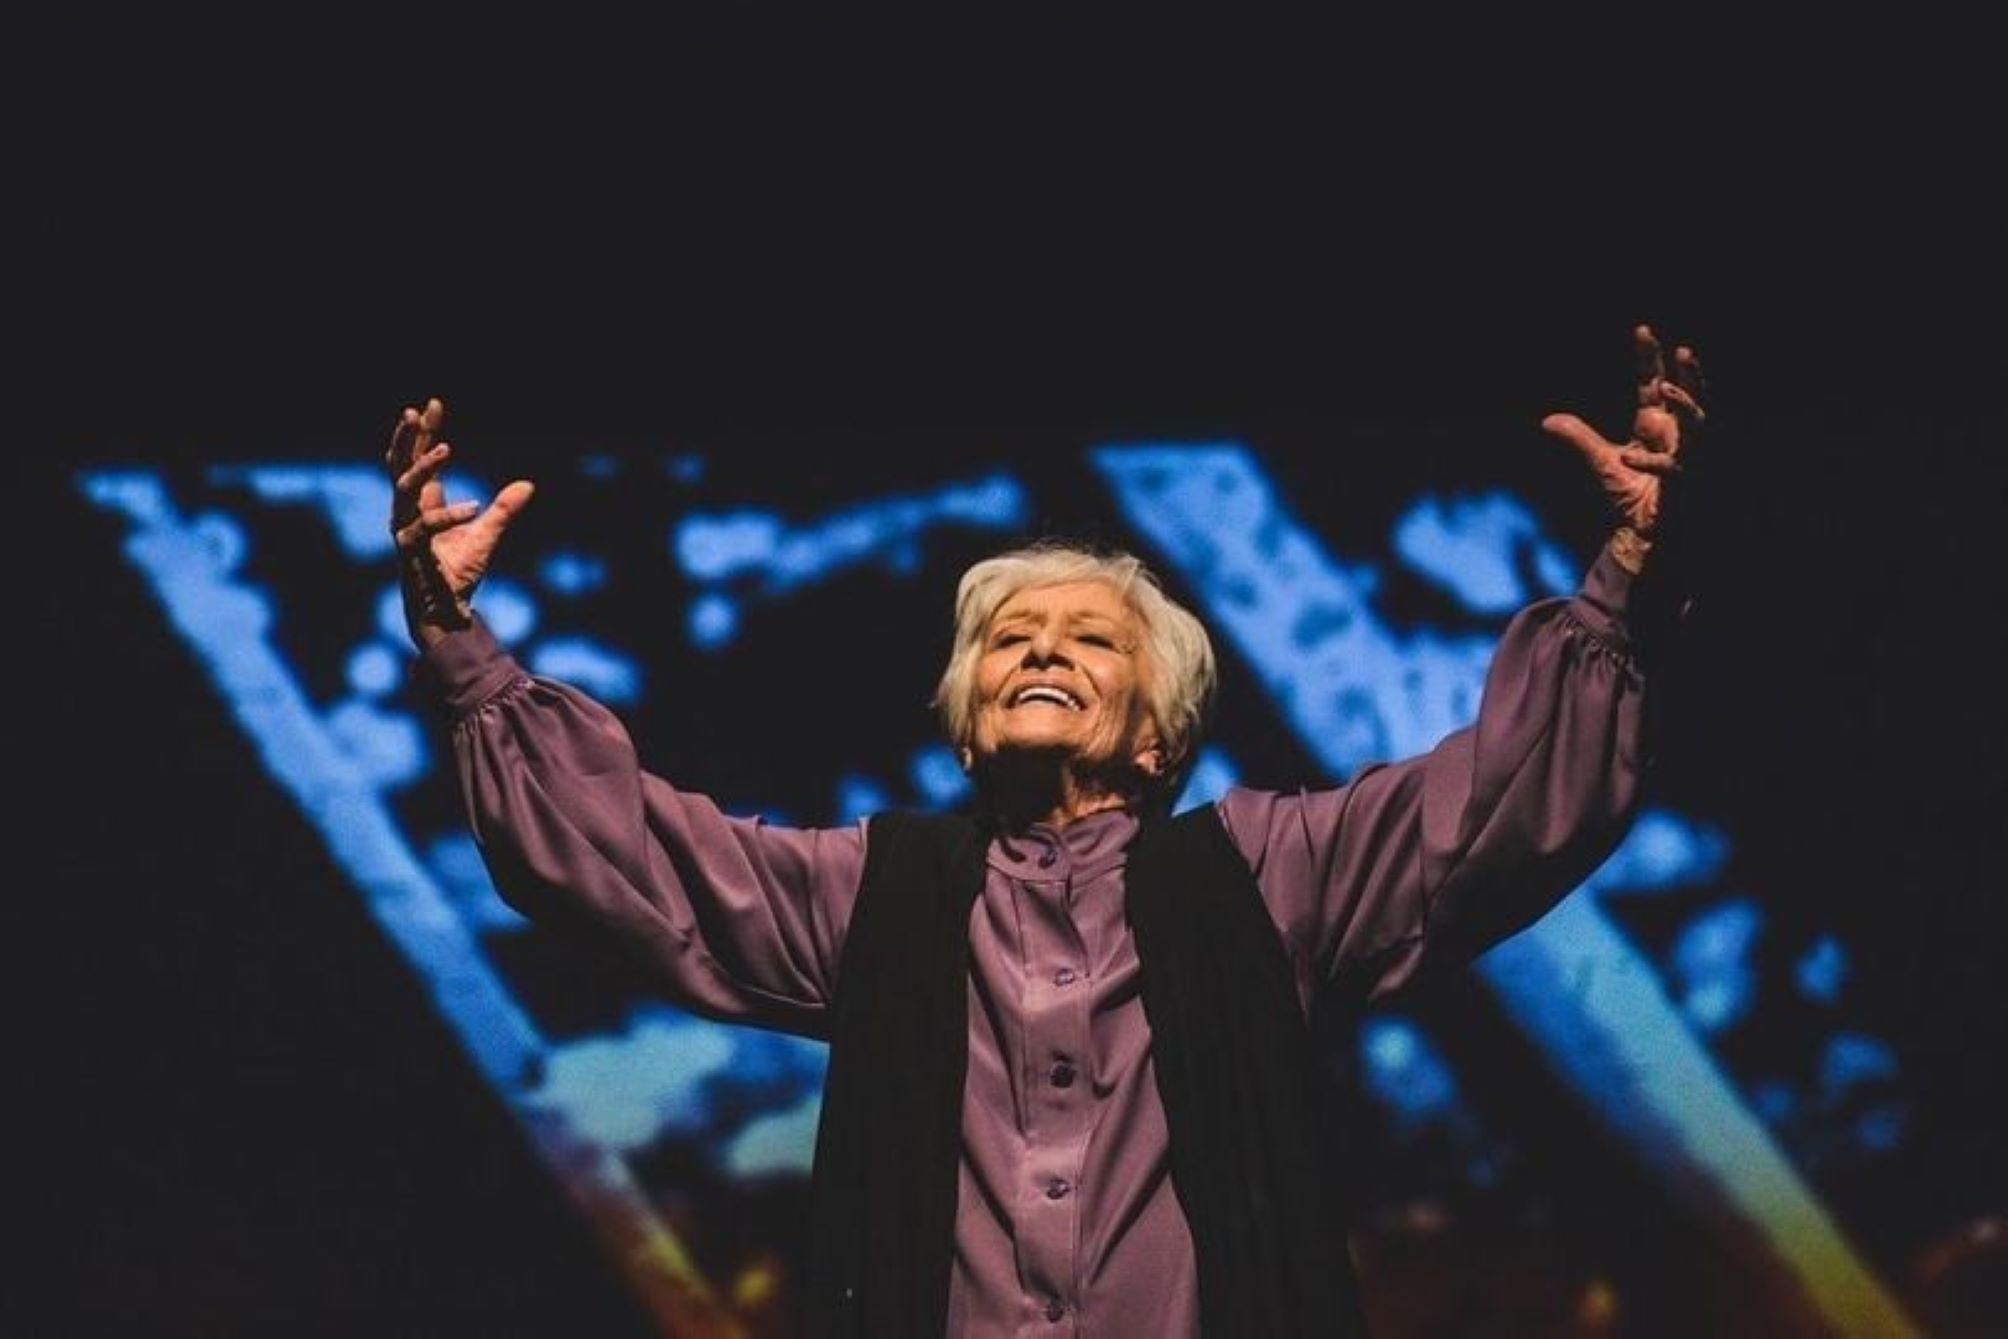 Στα πλαίσια του Διεθνές Φεστιβάλ Κύπρια έρχεται στο Δημοτικό Θέατρο Λάρνακας το έργο Ρόουζ με την Δέσποινα Μπεμπεδέλη